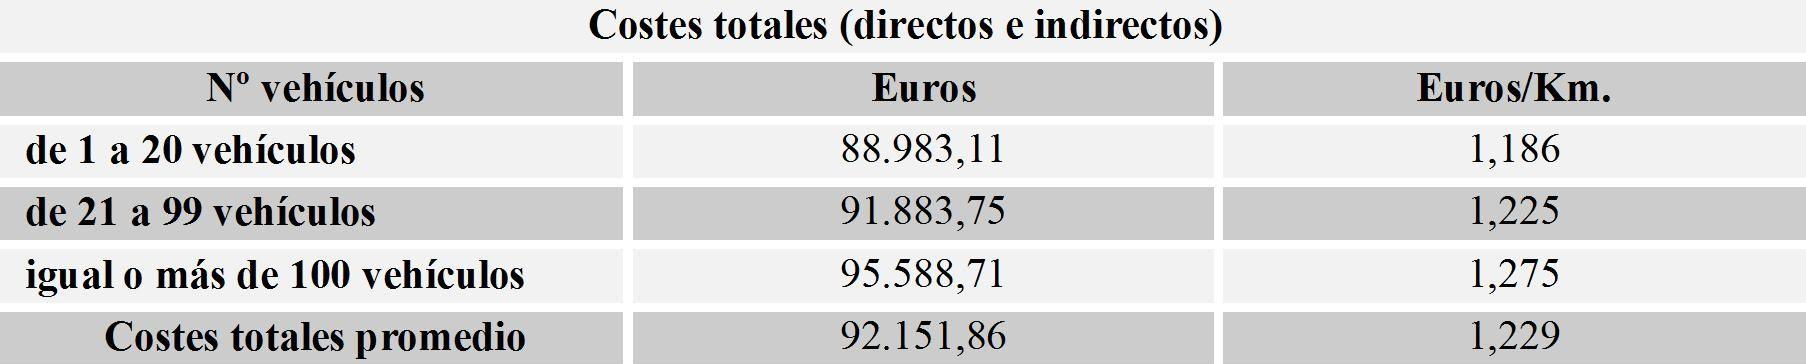 costes totales (directos e indirectos) de un vehículo de la flota